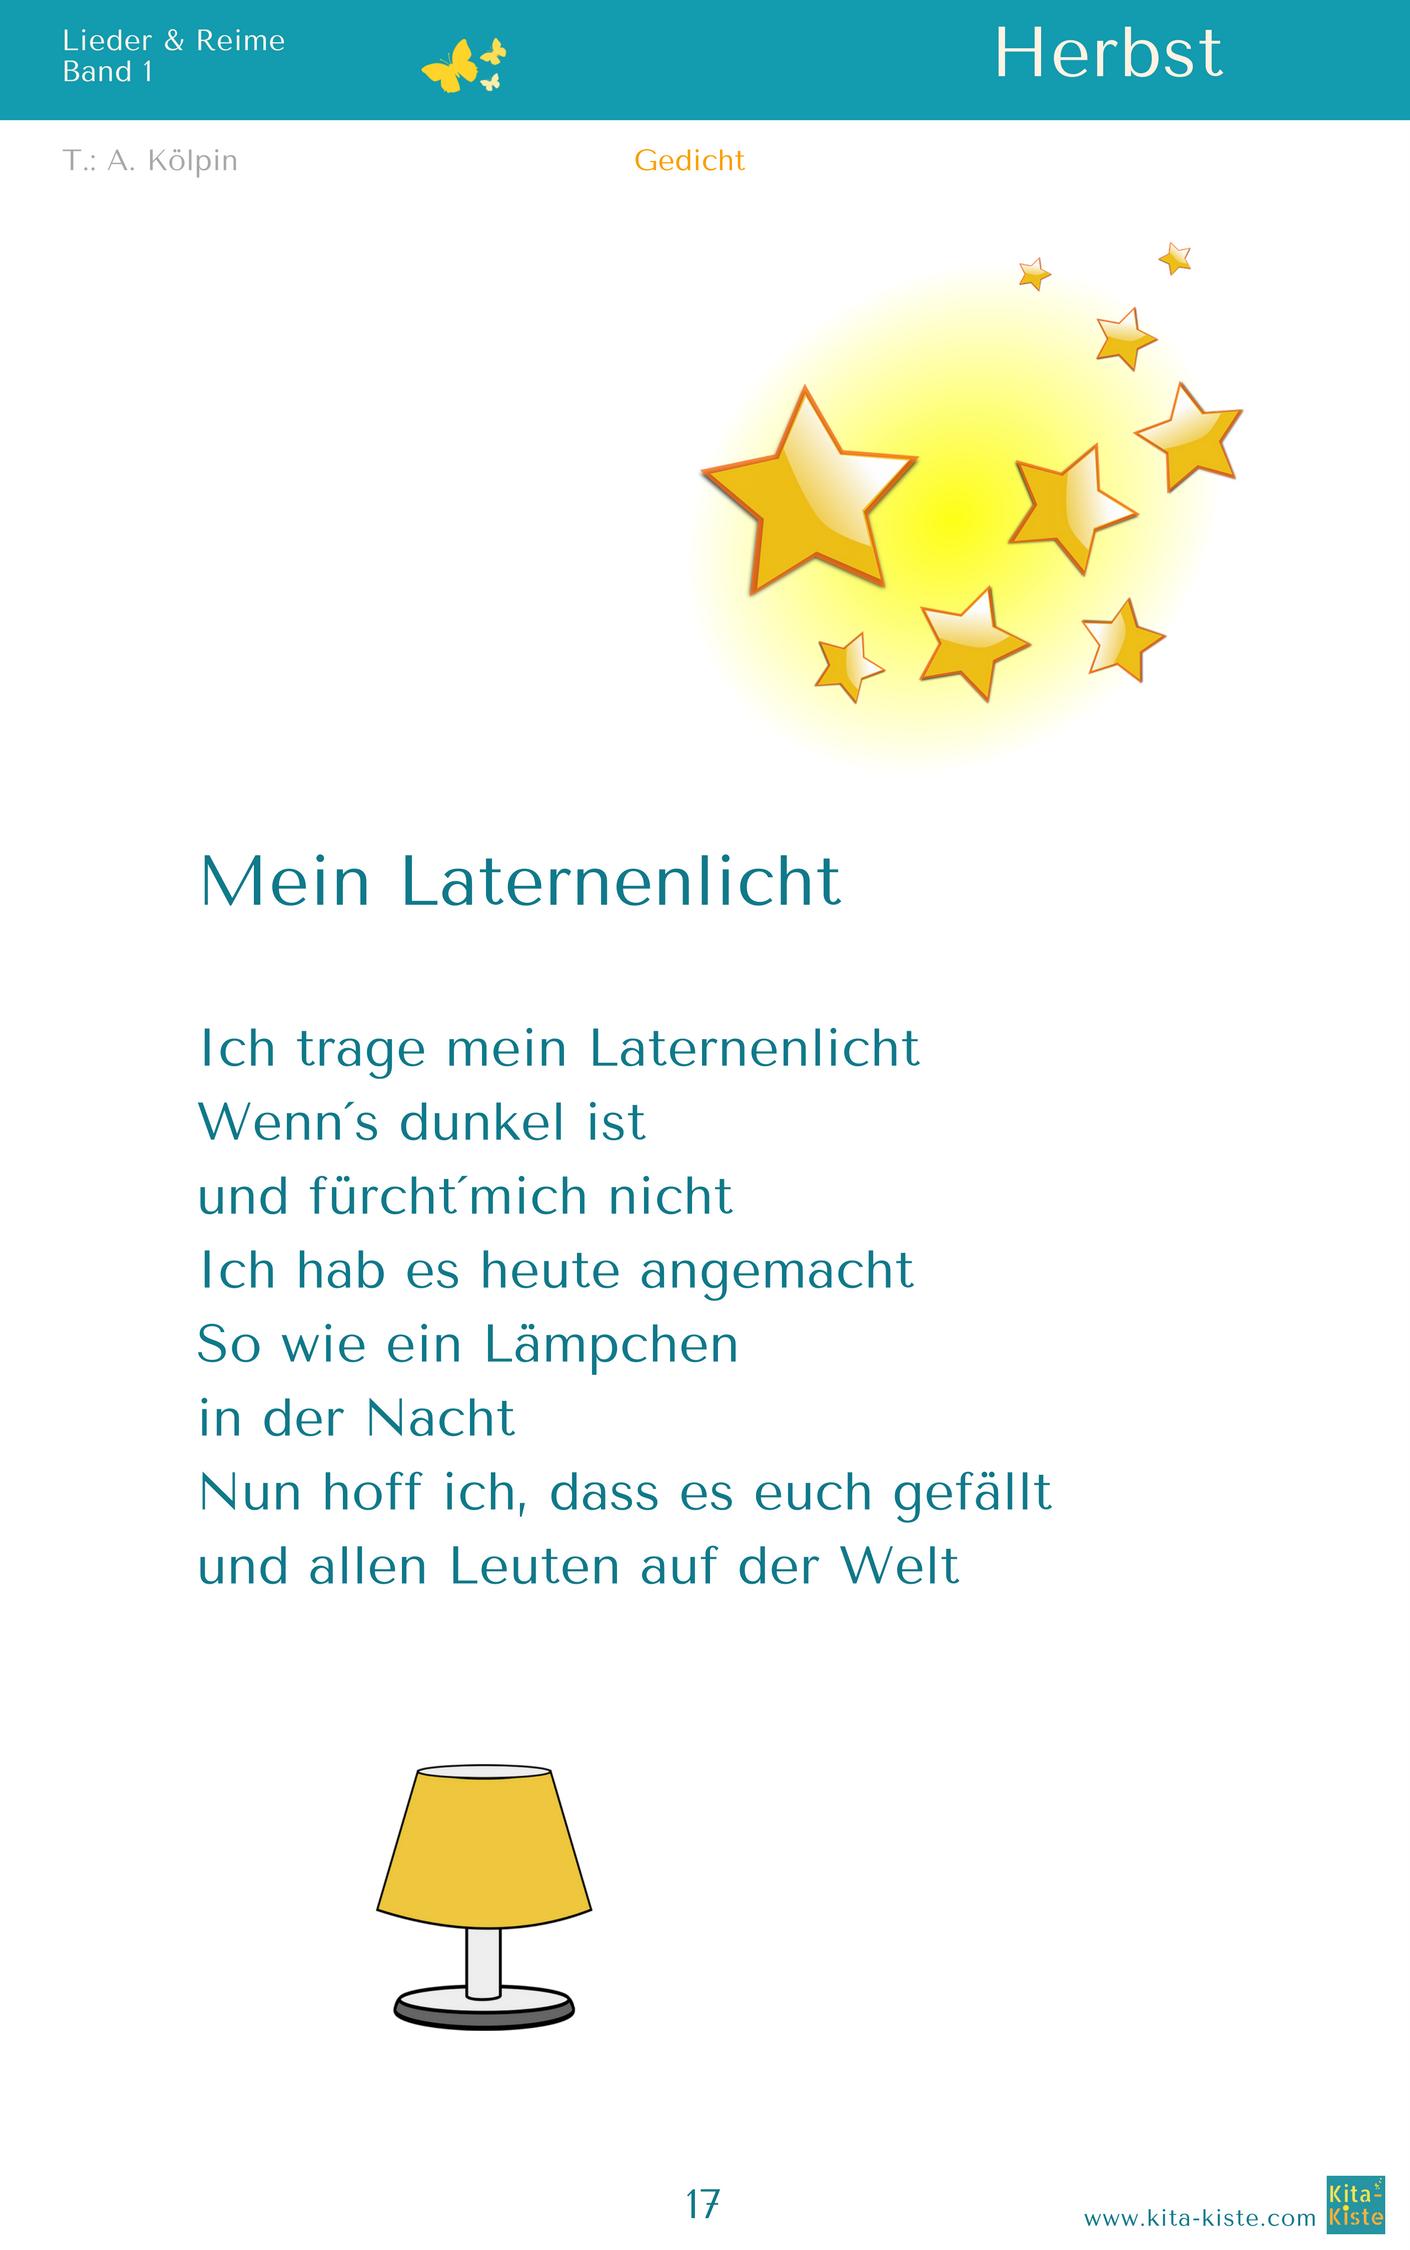 """""""Mein Laternenlicht"""" Herbst Gedicht aus """"Lieder & Reime 1"""""""